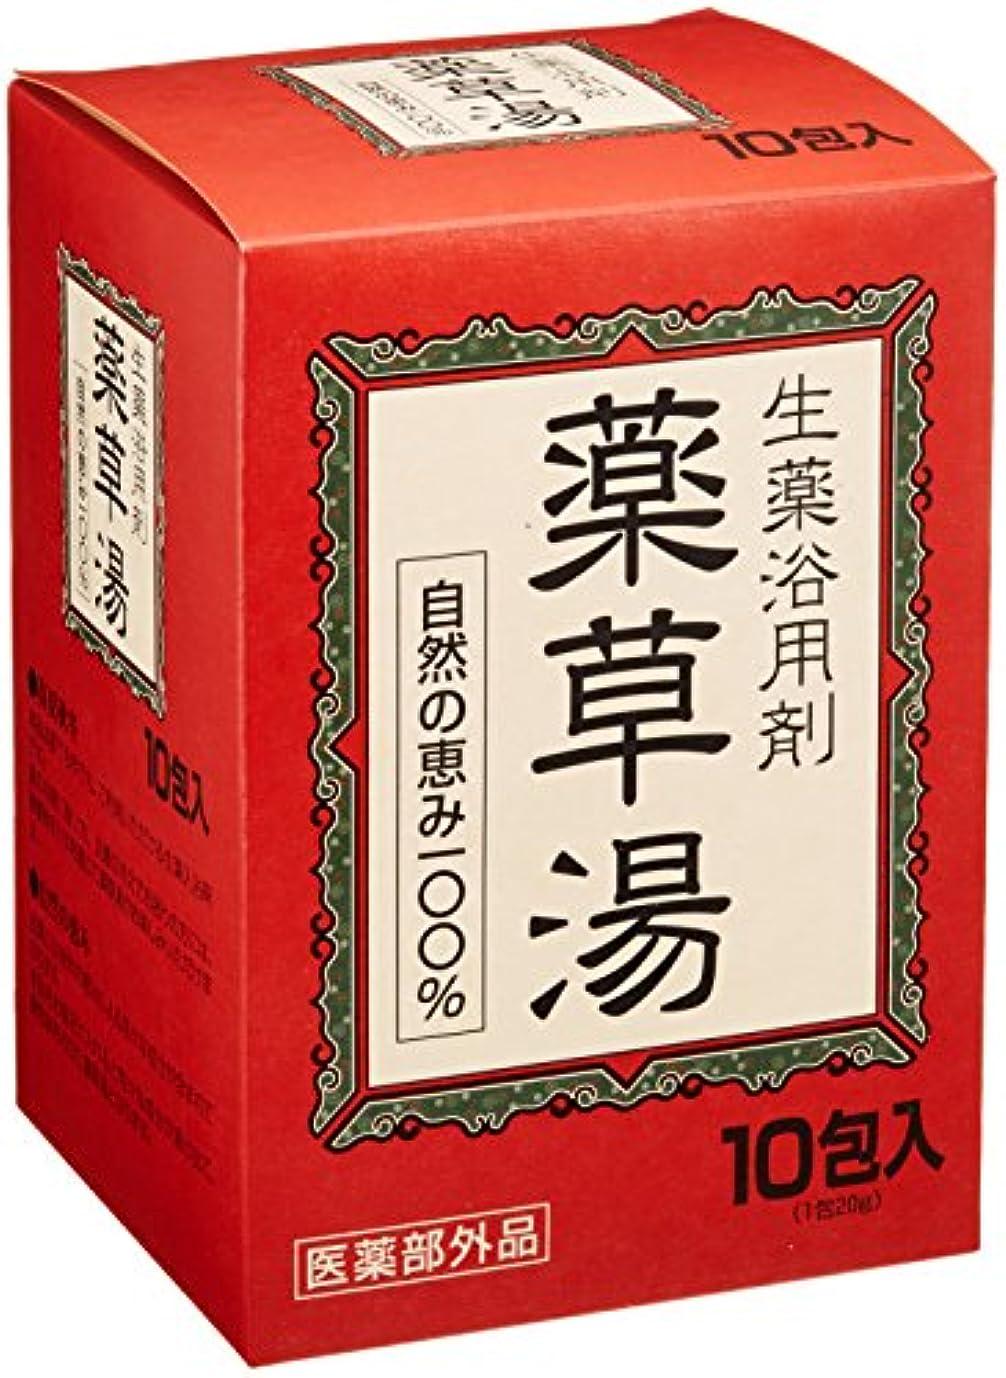 対応兵士プラットフォーム生薬浴用剤 薬草湯 10包